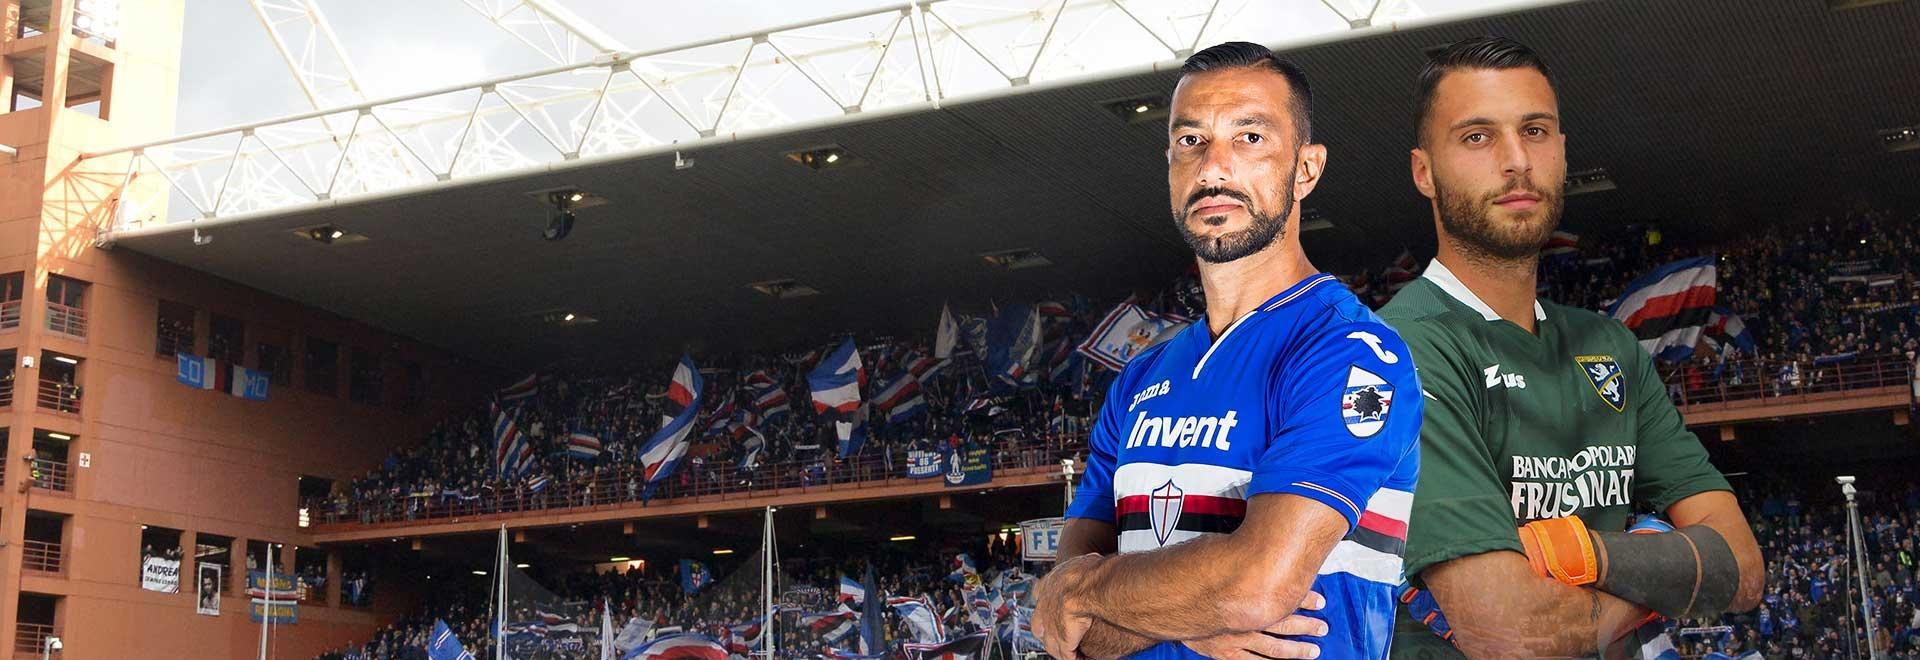 Sampdoria - Frosinone. 23a g.